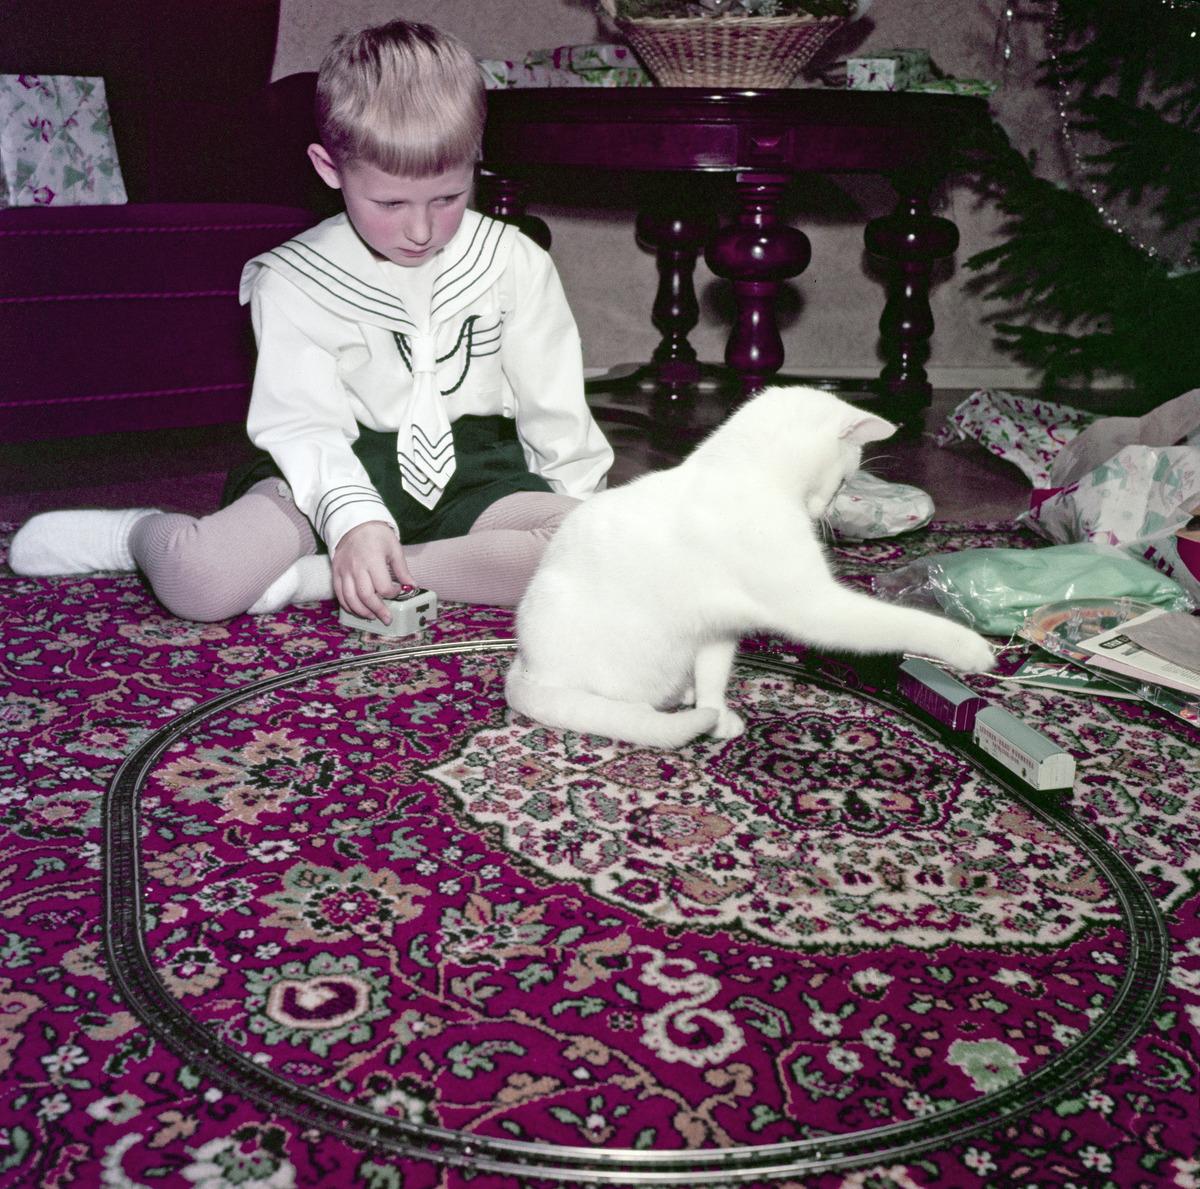 Pieni poika leikkii pienoisrautatiellä joulun aikaan